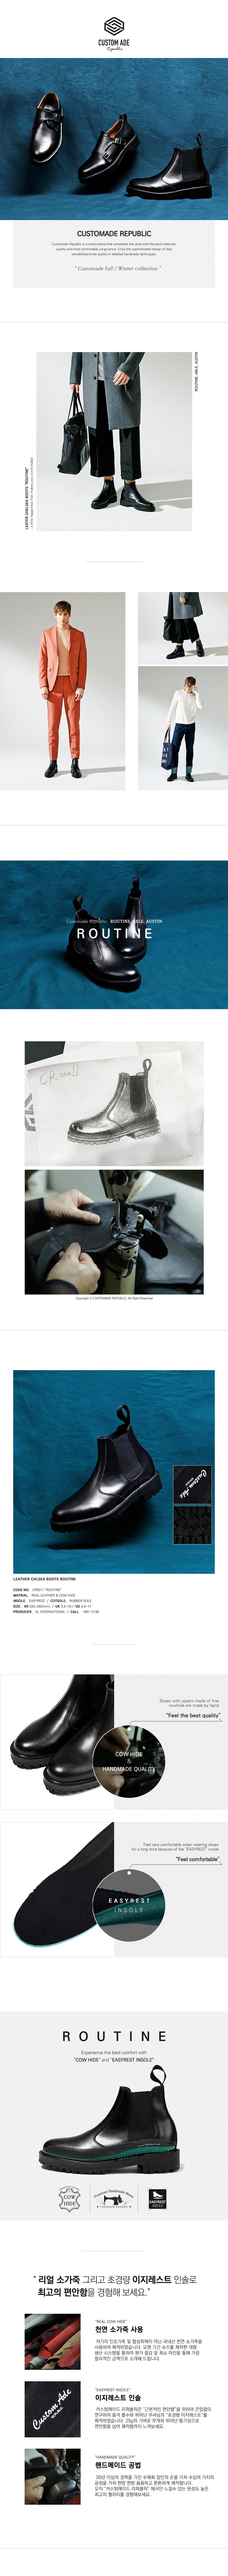 커스텀에이드(CUSTOMADE) 4.5cm 소가죽 발편한 첼시부츠 루틴(CR0011)